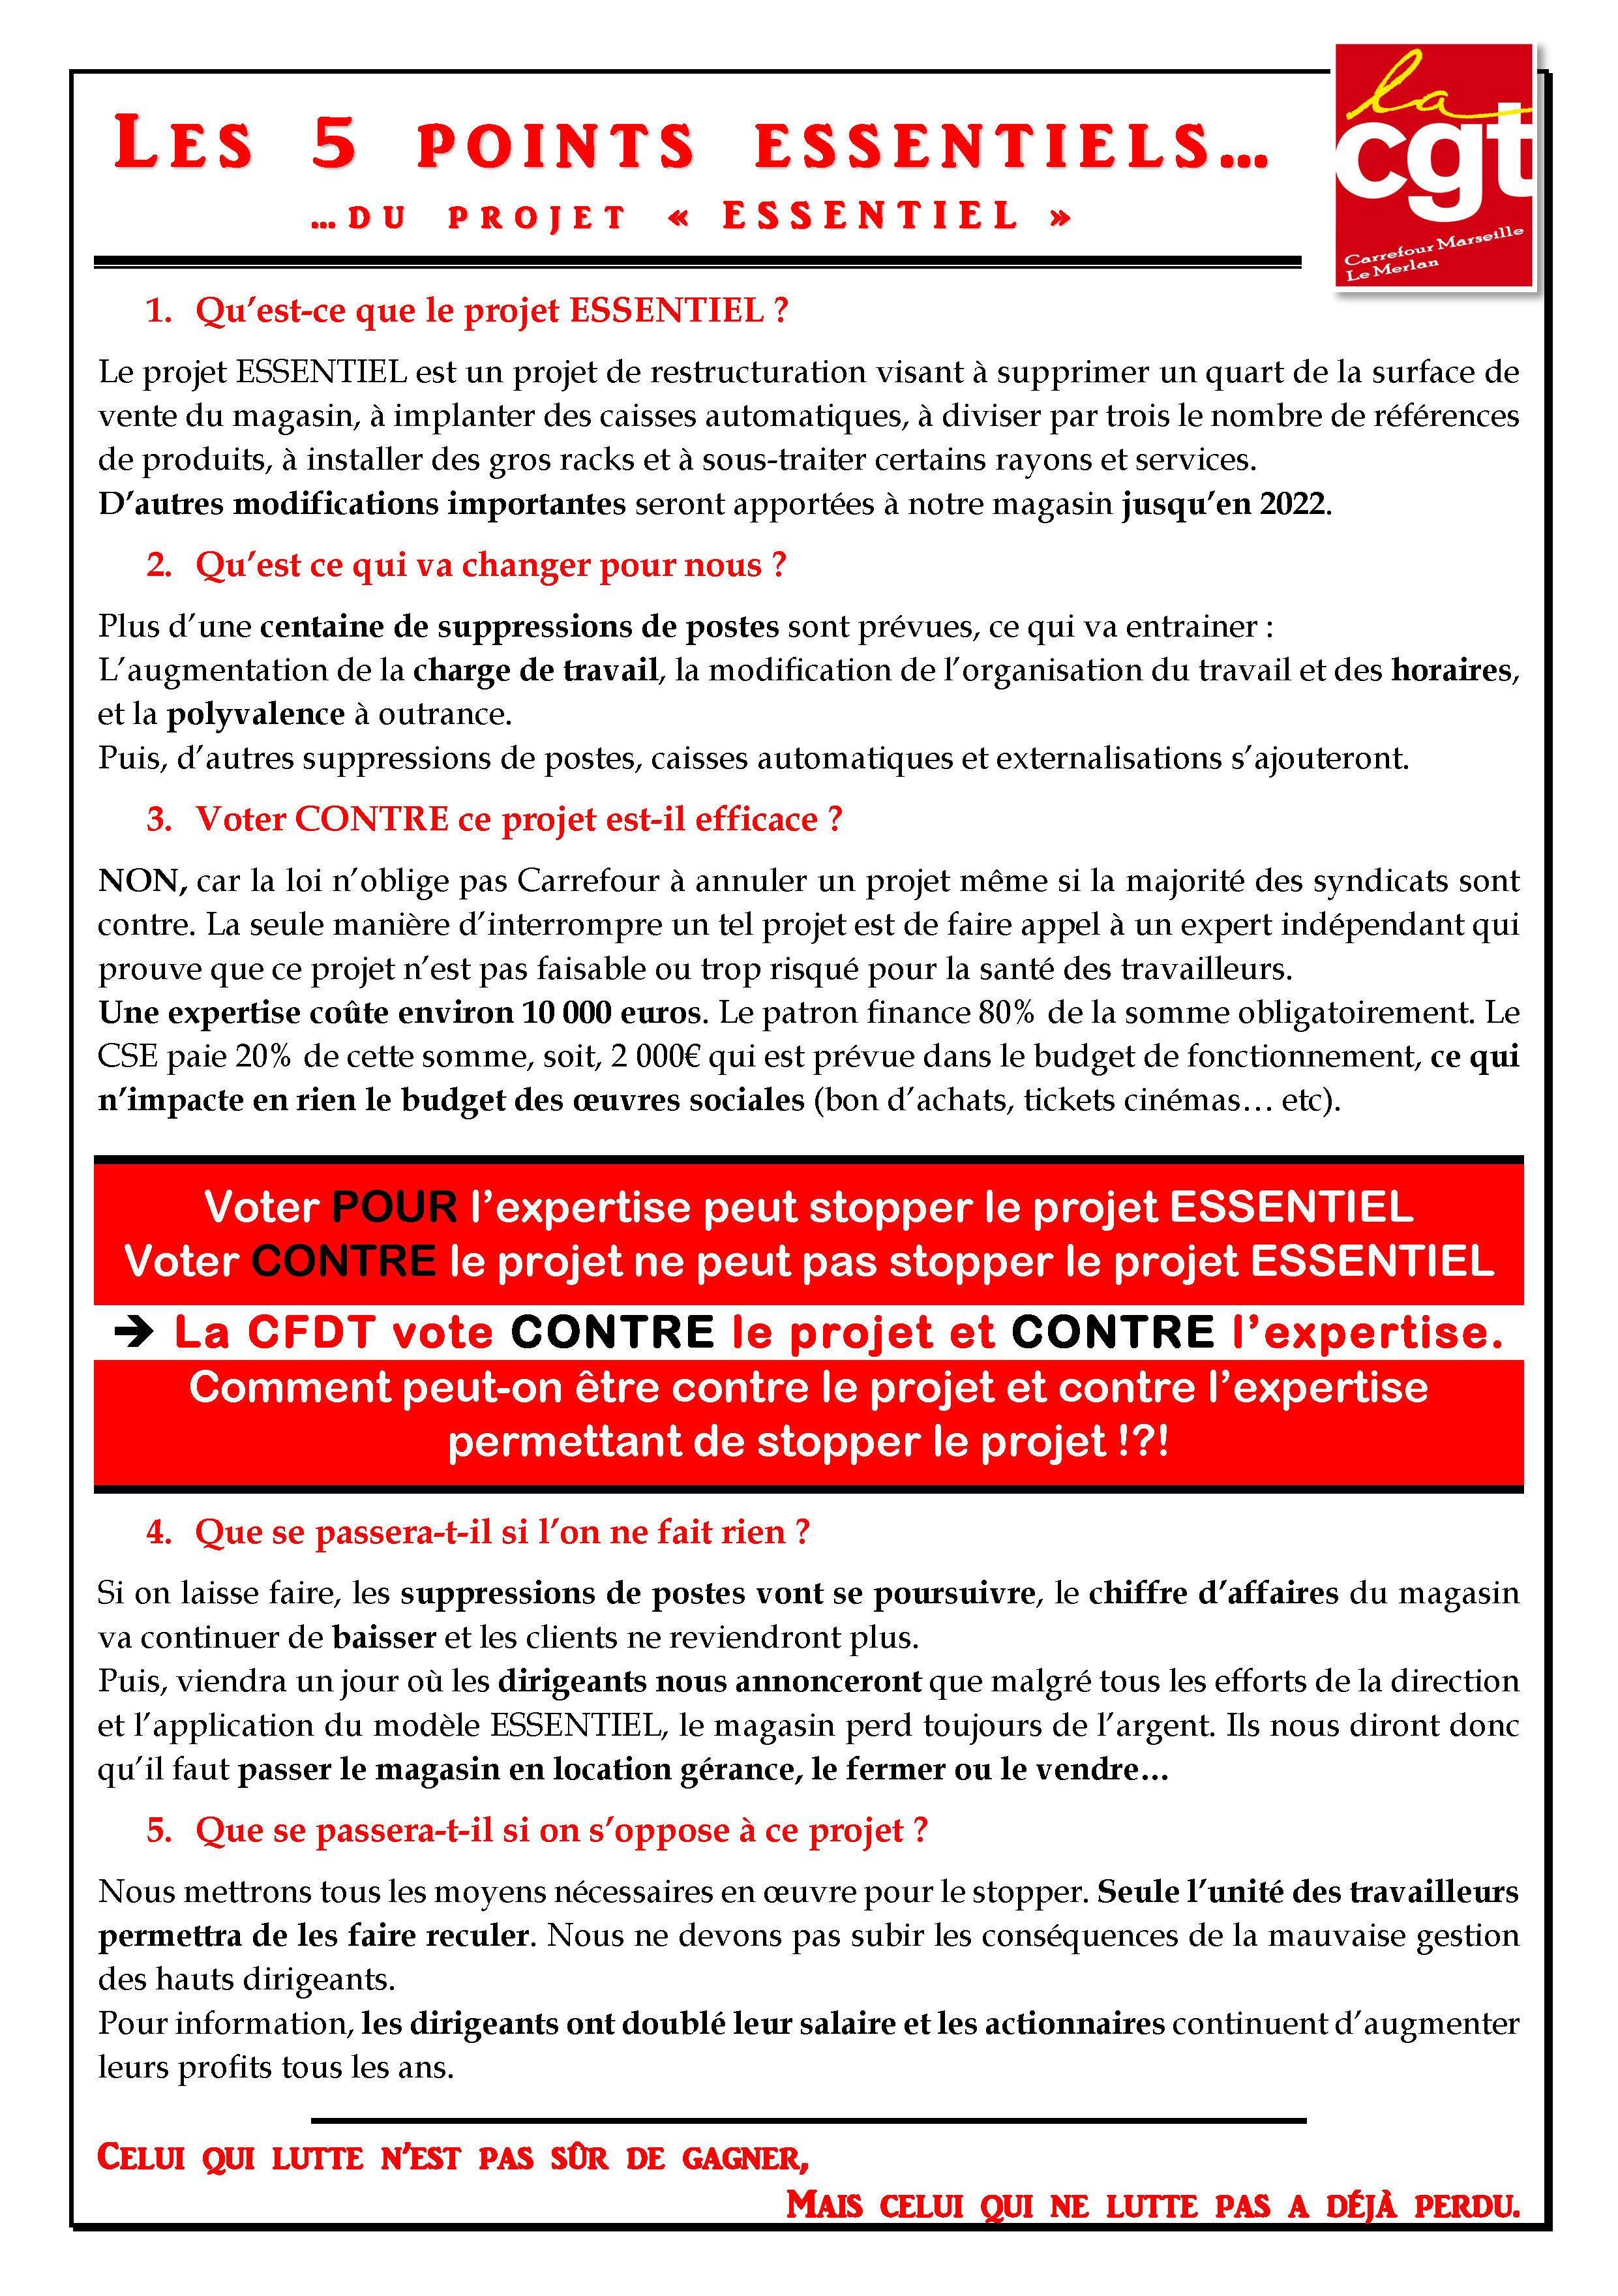 Les 5 points Essentiels… Du projet «ESSENTIEL»